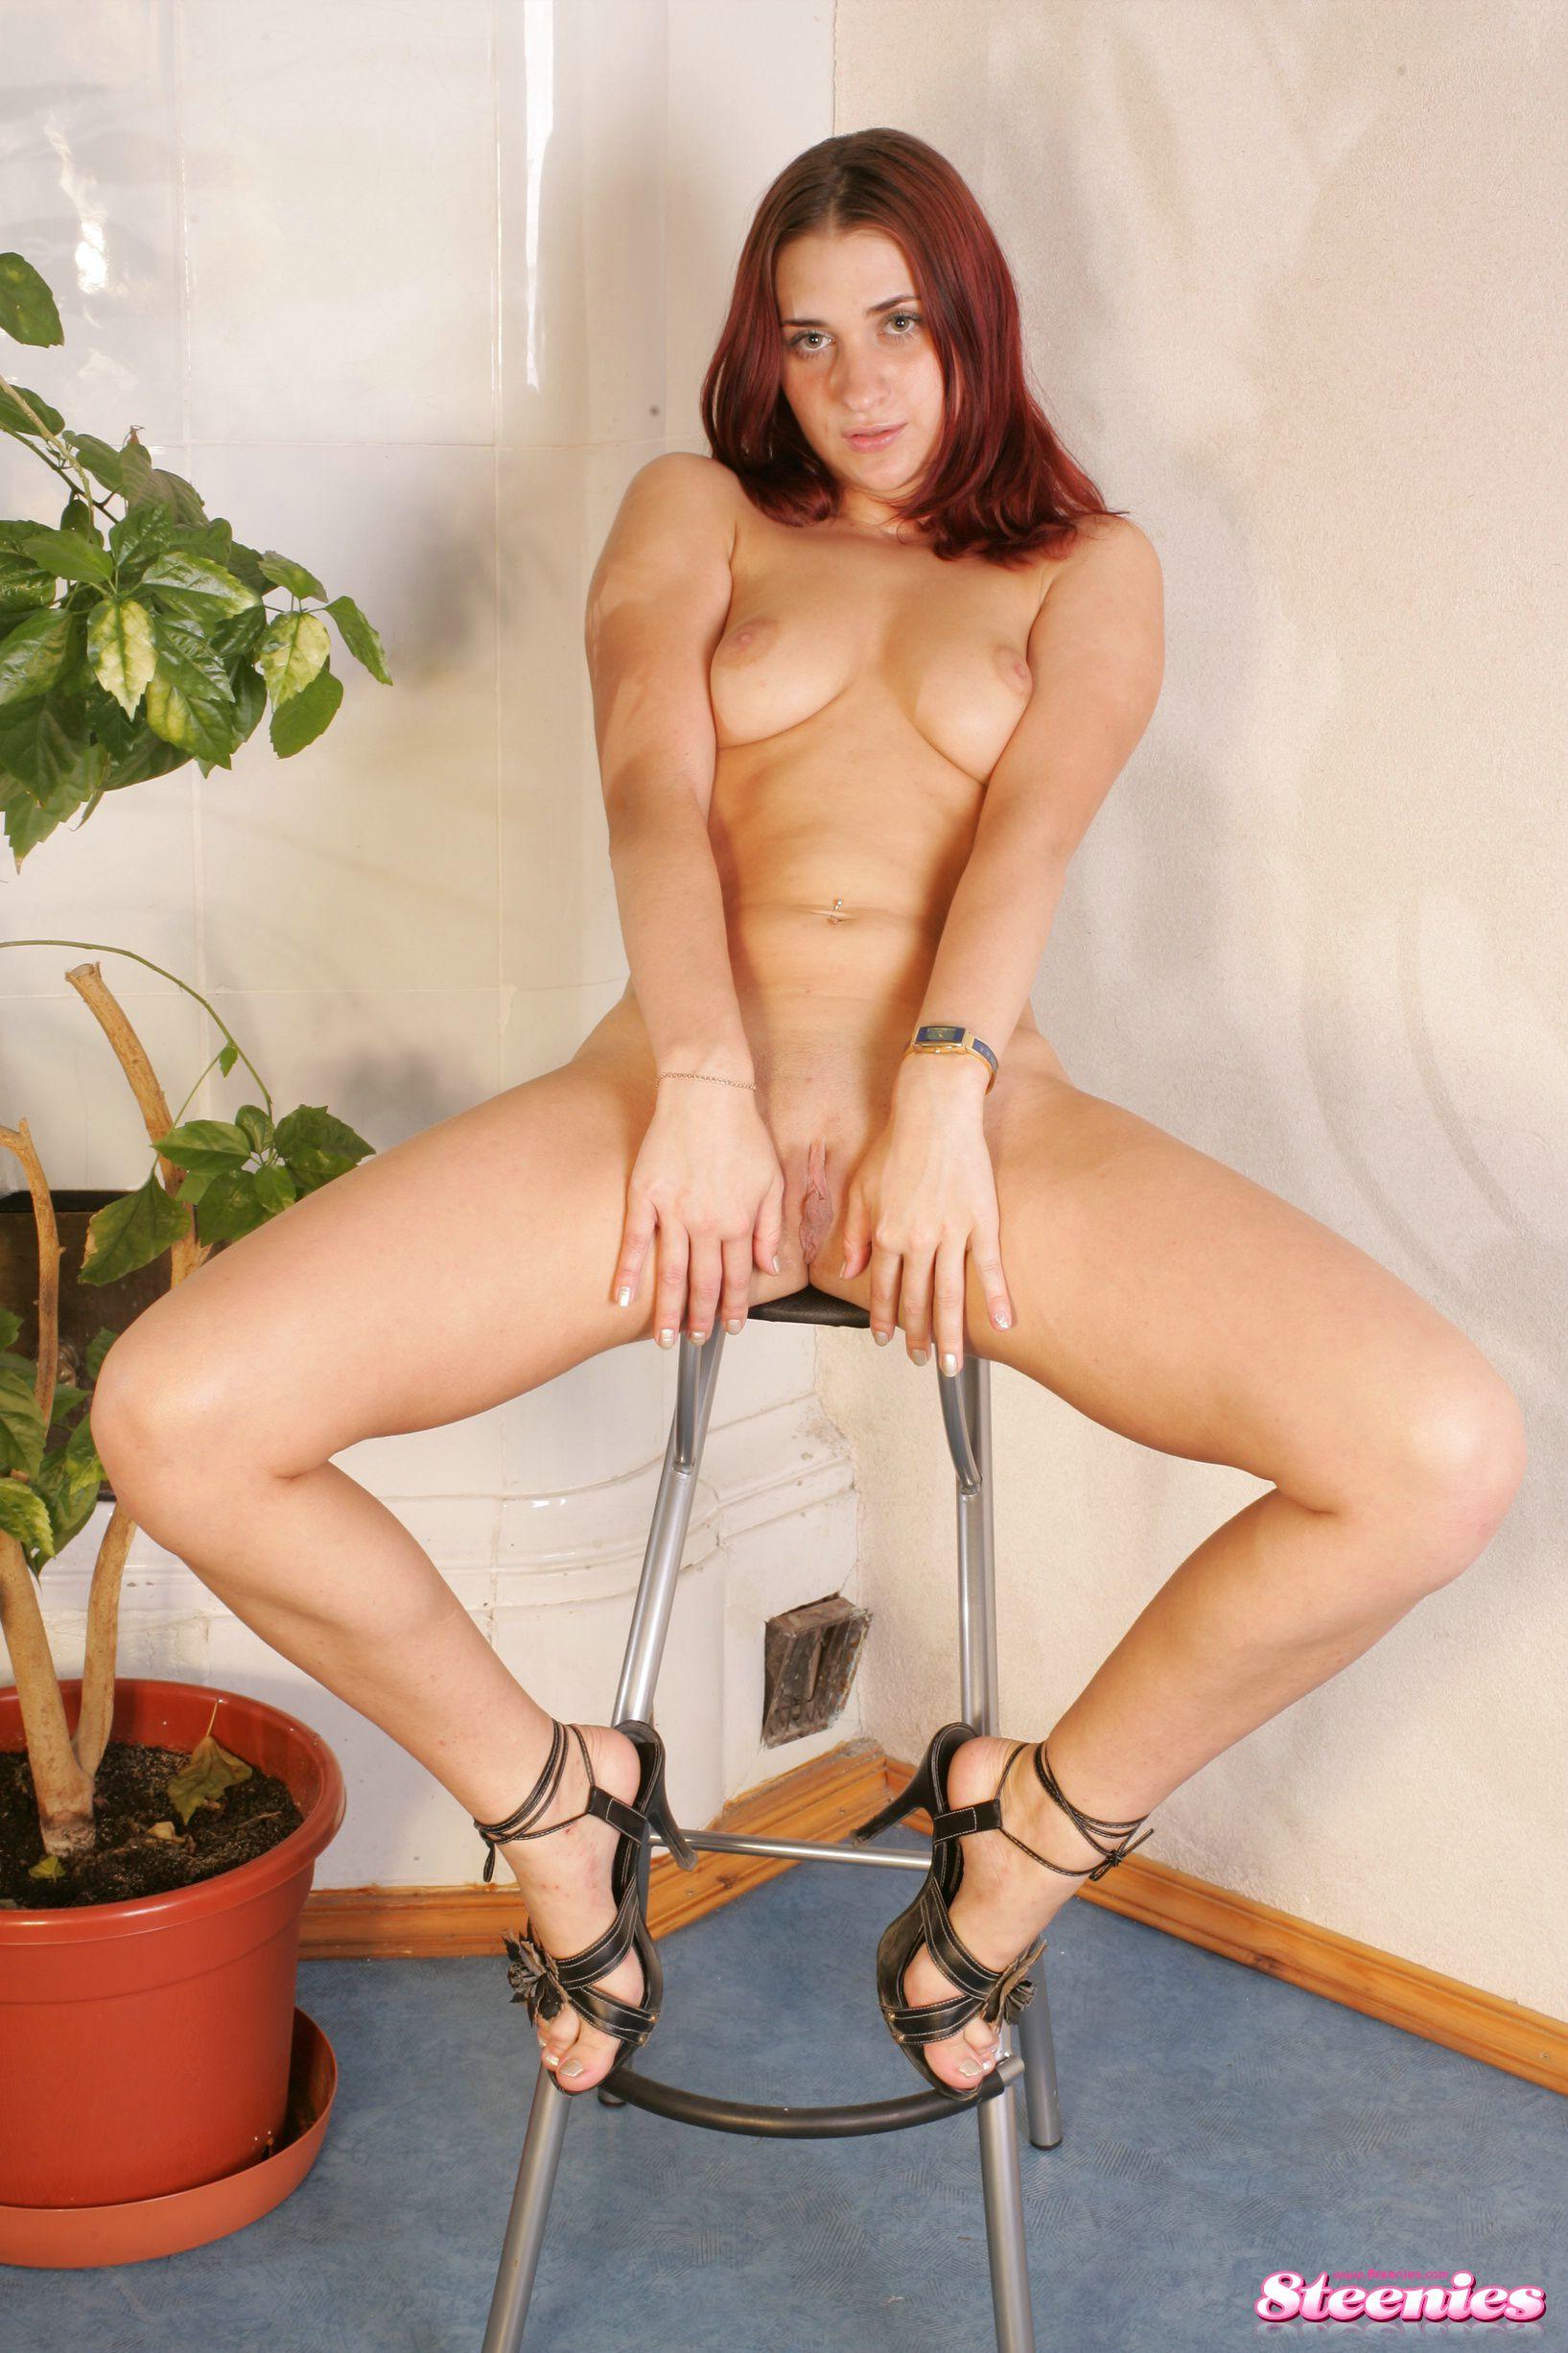 http://i6.imageban.ru/out/2013/11/26/ffc558f48c48889c89200bbf8f62ecca.jpg